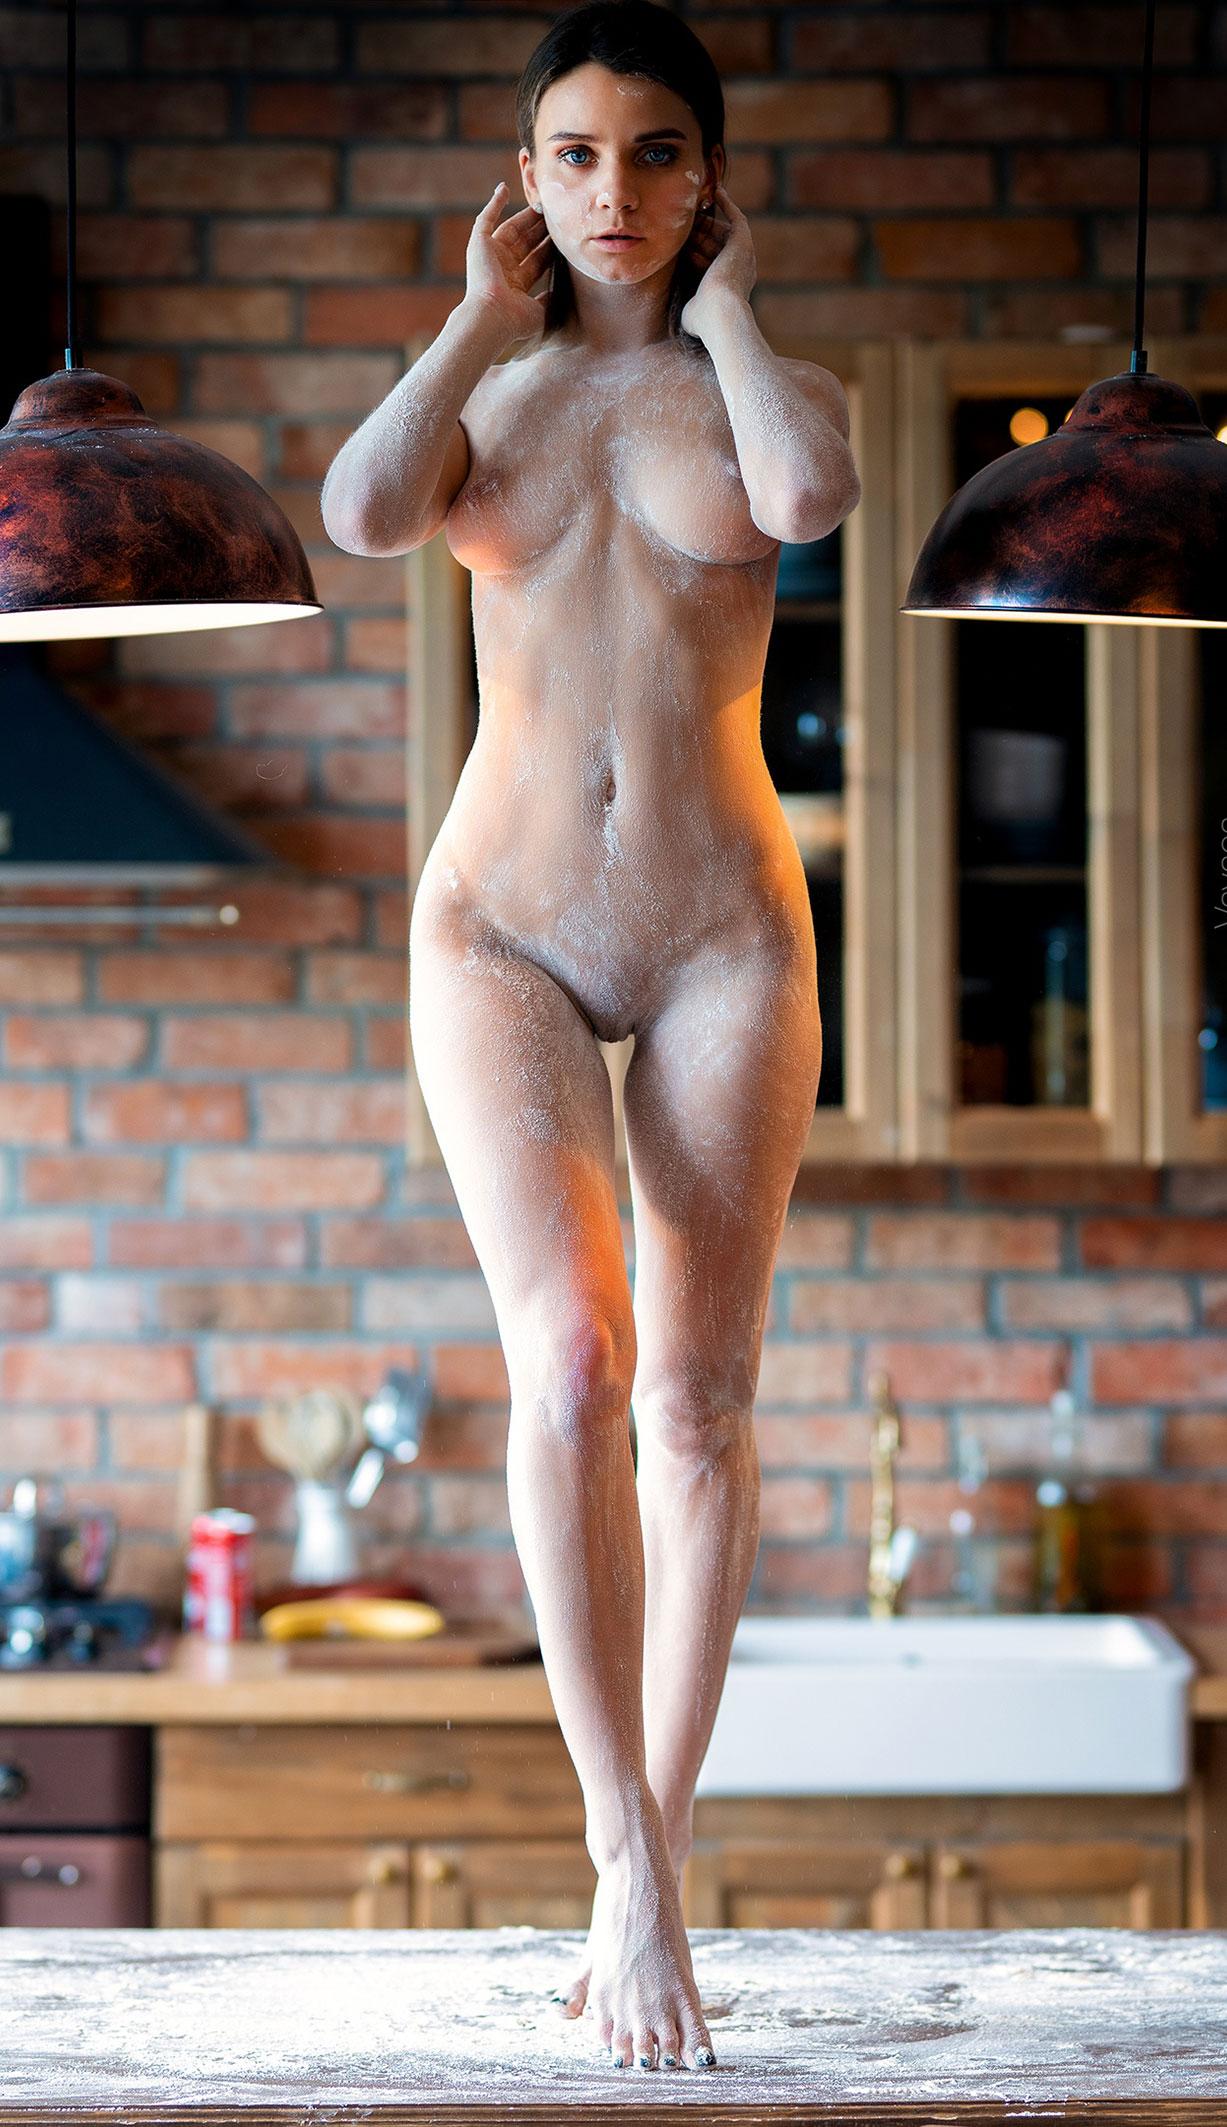 Кухня мечты - голая Кристина Макарова готовит из муки и фруктов / фото 15